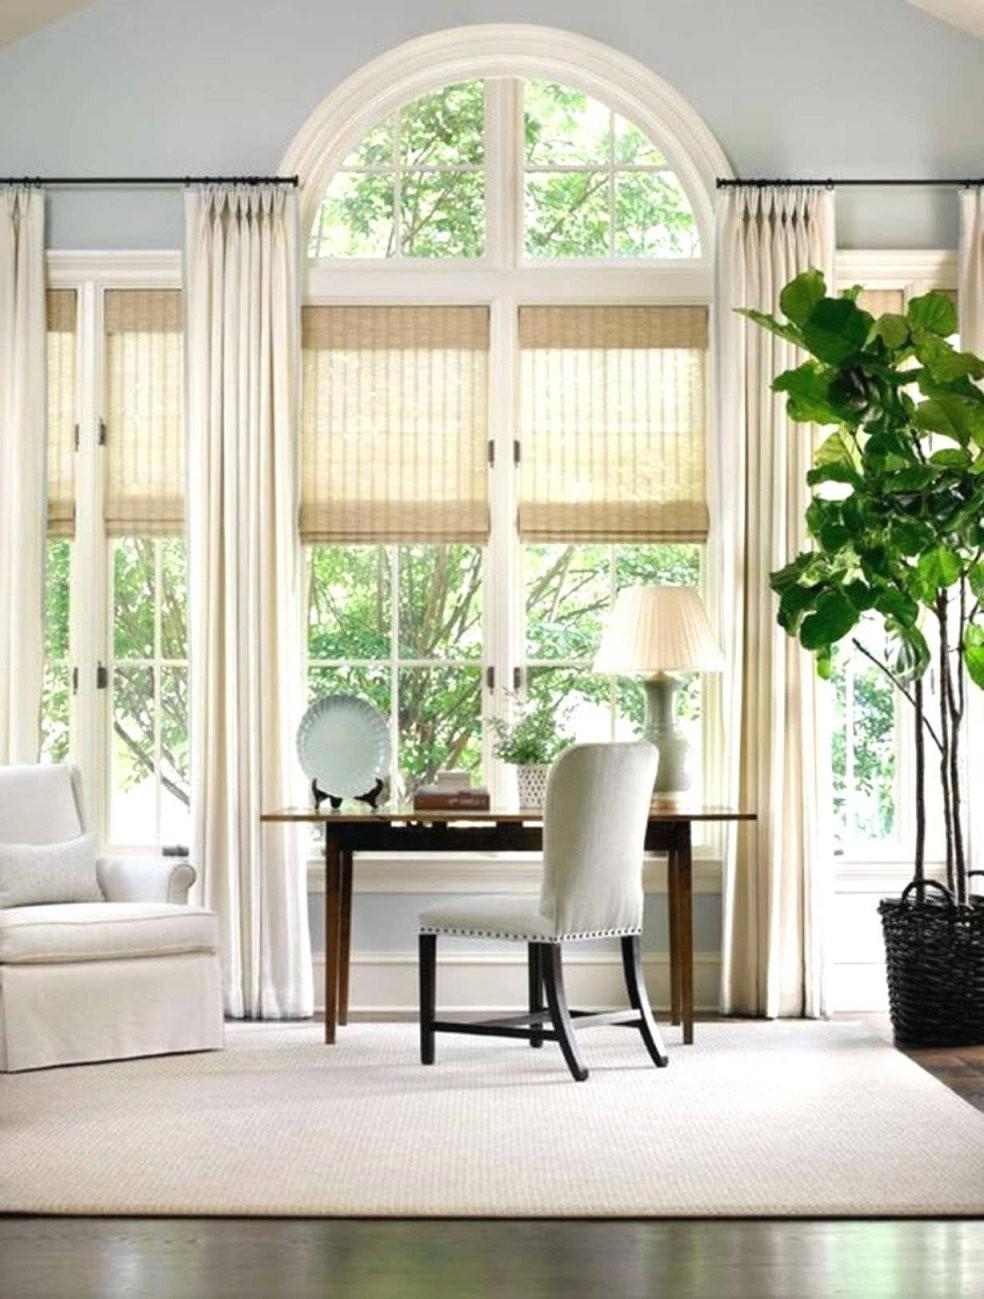 Fenster Dekorieren  Das Beste Von 30 Design  Beste Möbelideen von Fenster Ohne Gardinen Dekorieren Bild